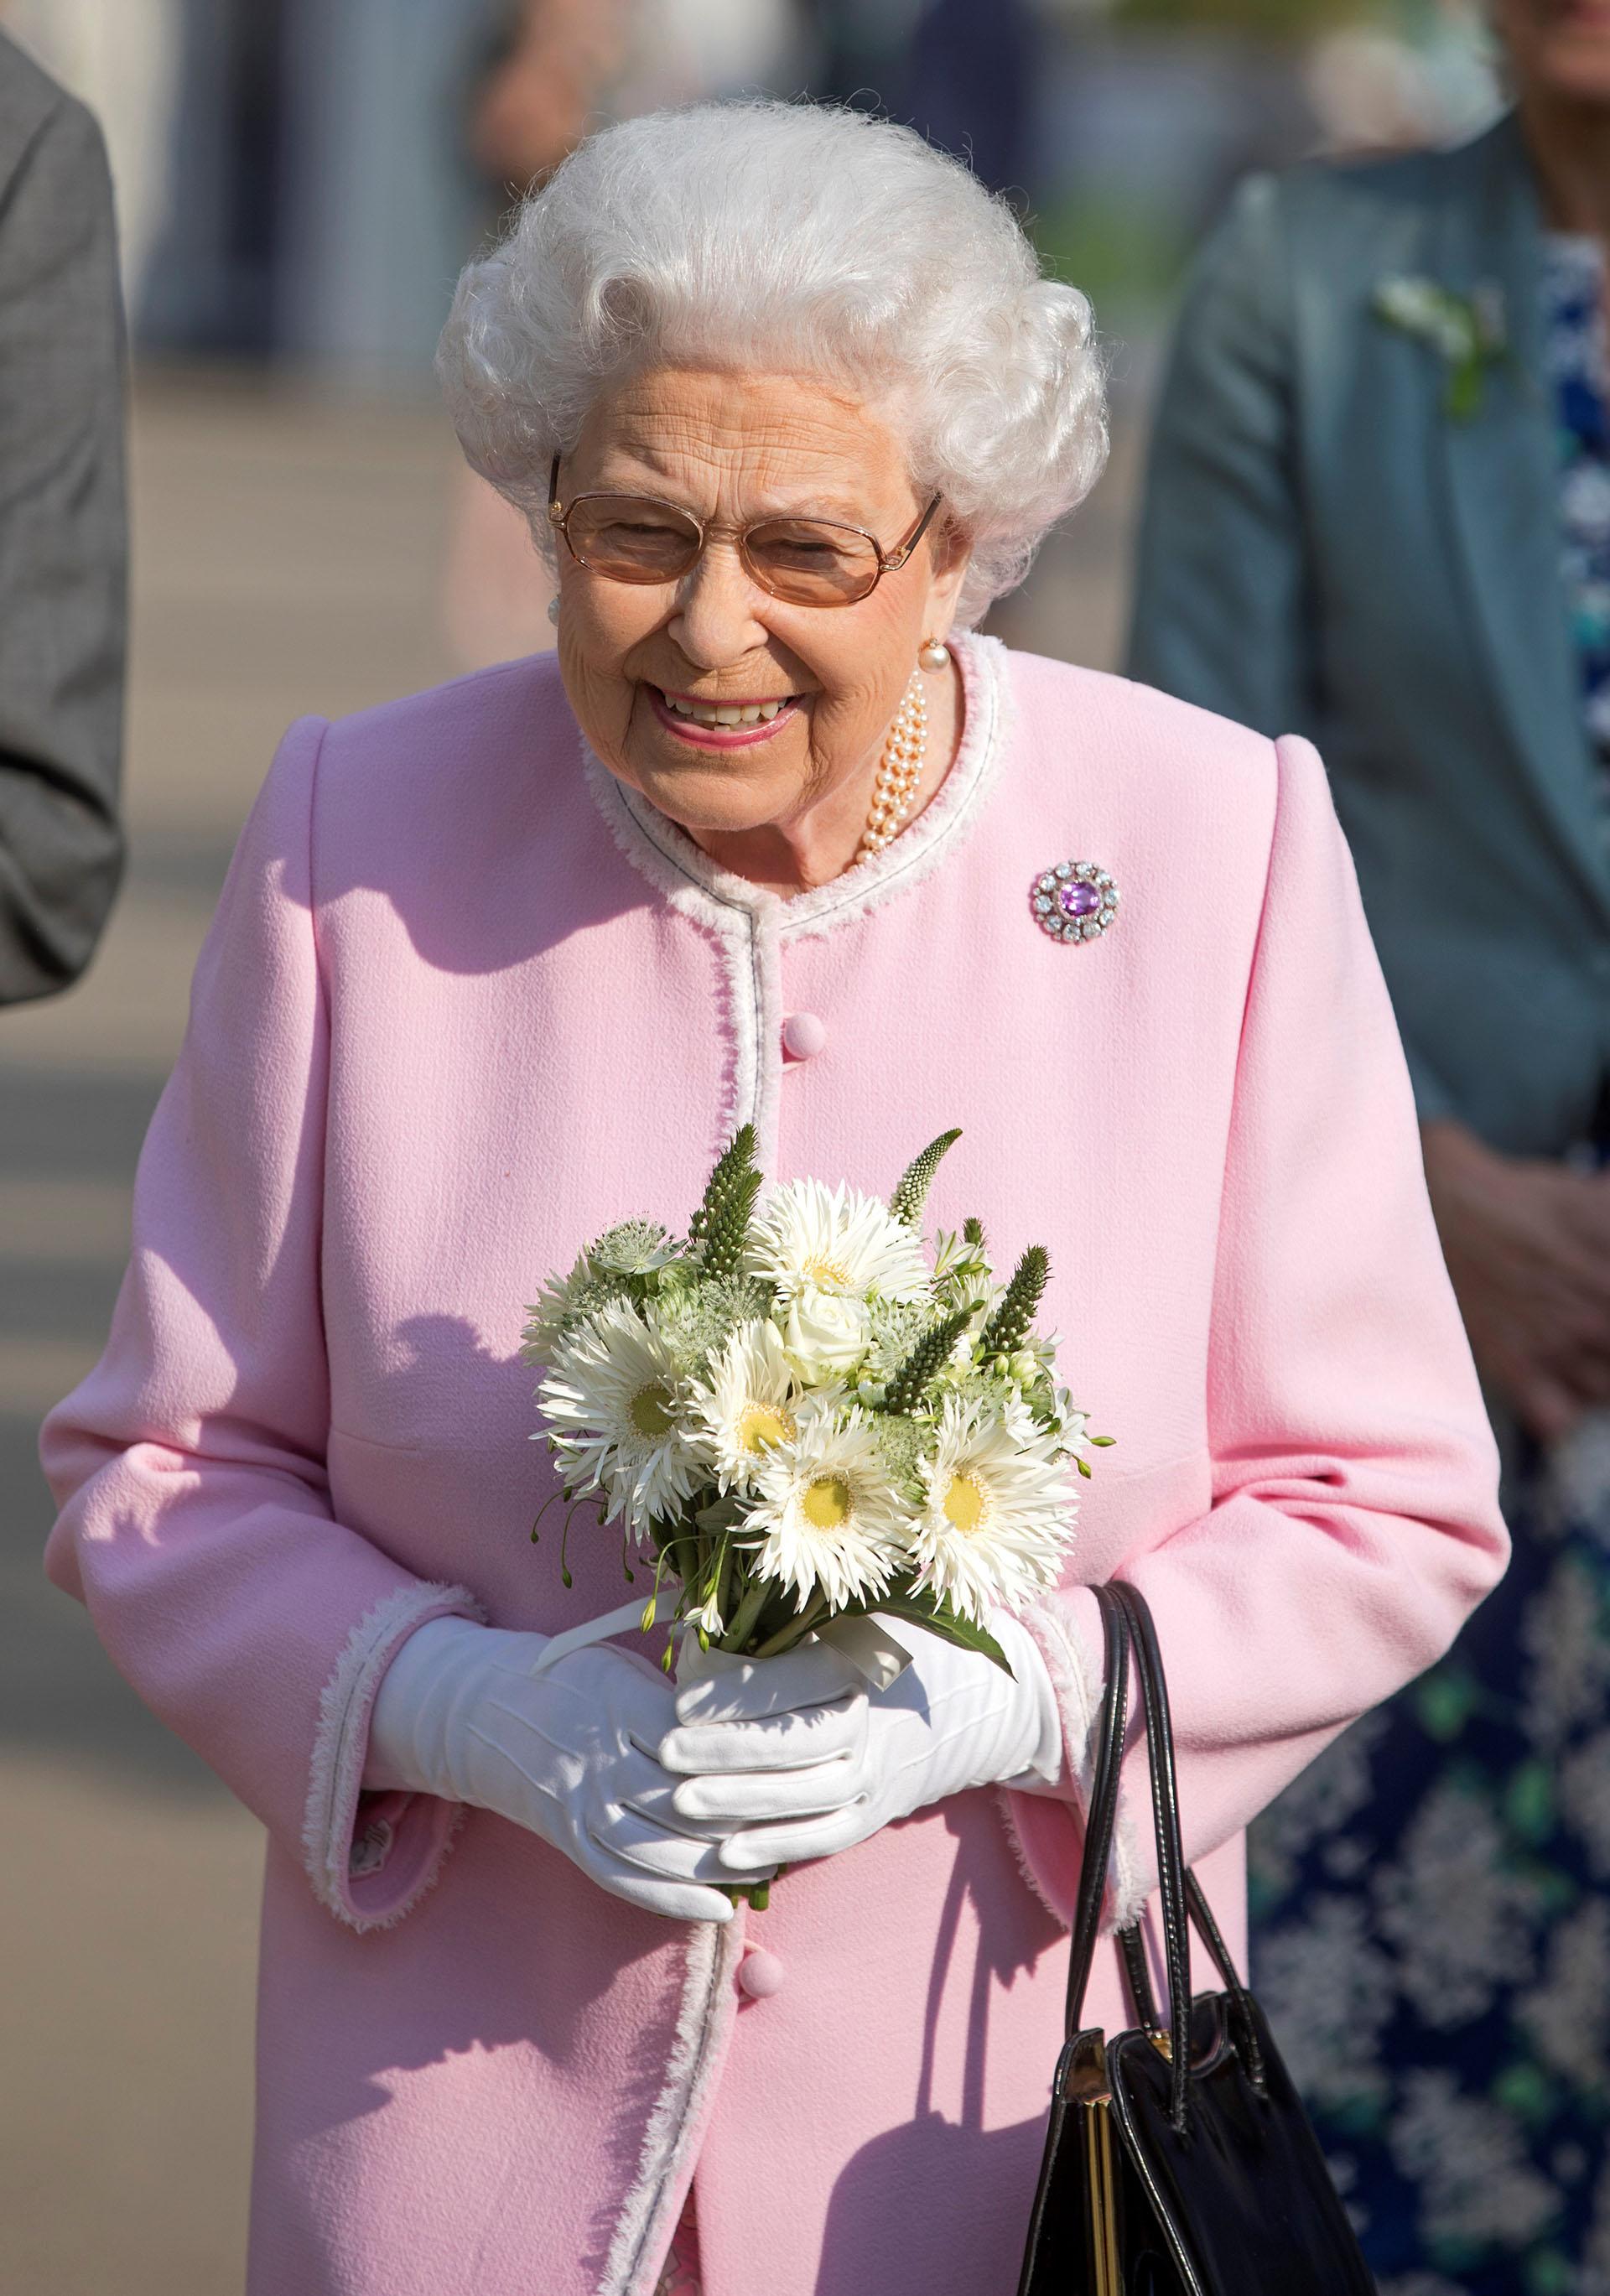 La reina paseó por los jardines con un ramo de flores en sus manos